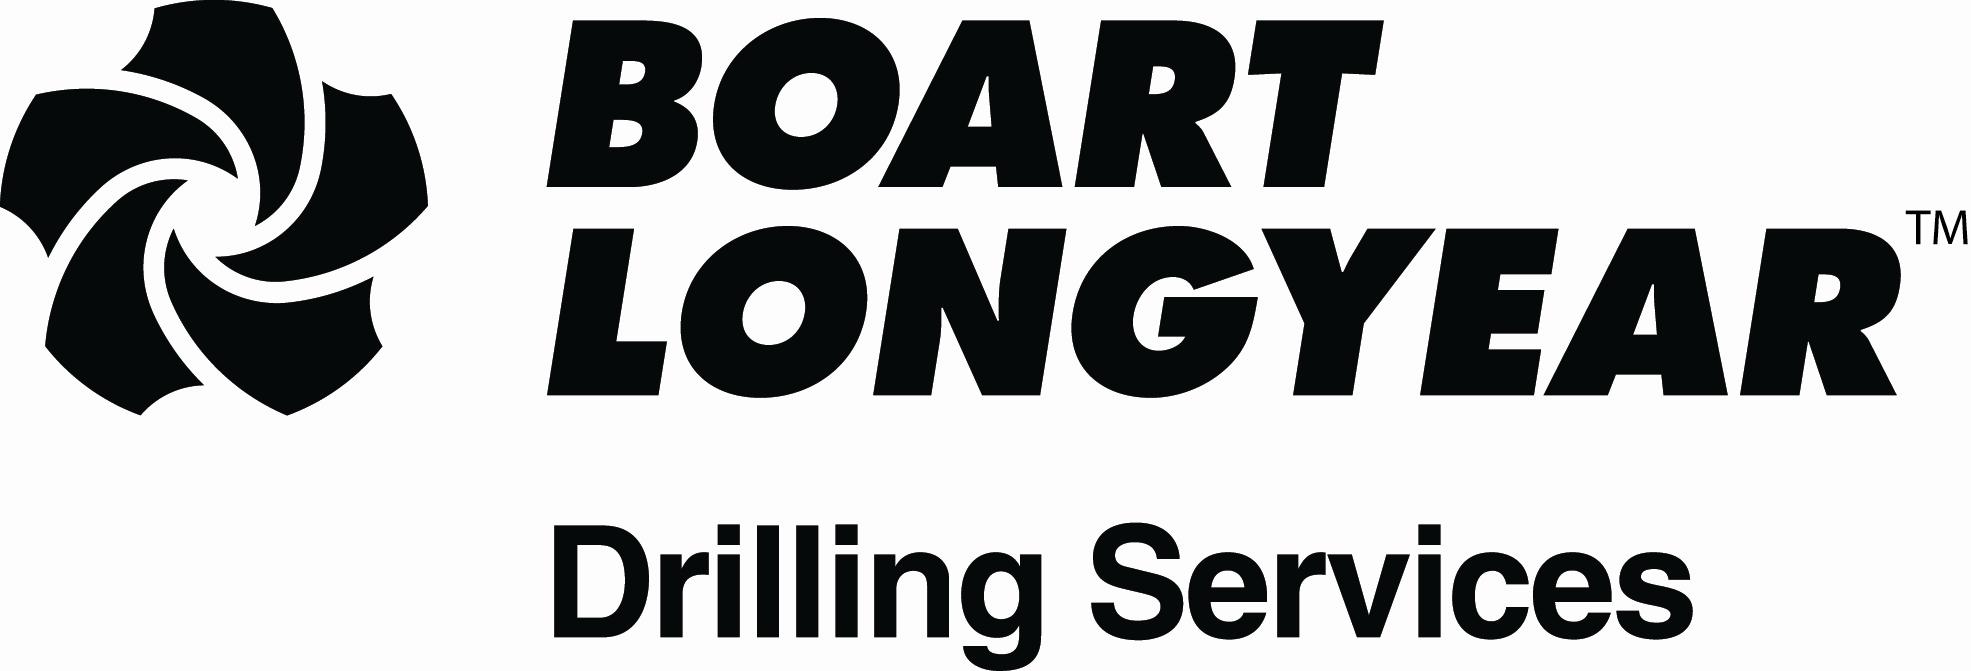 Boart Longyear.JPG